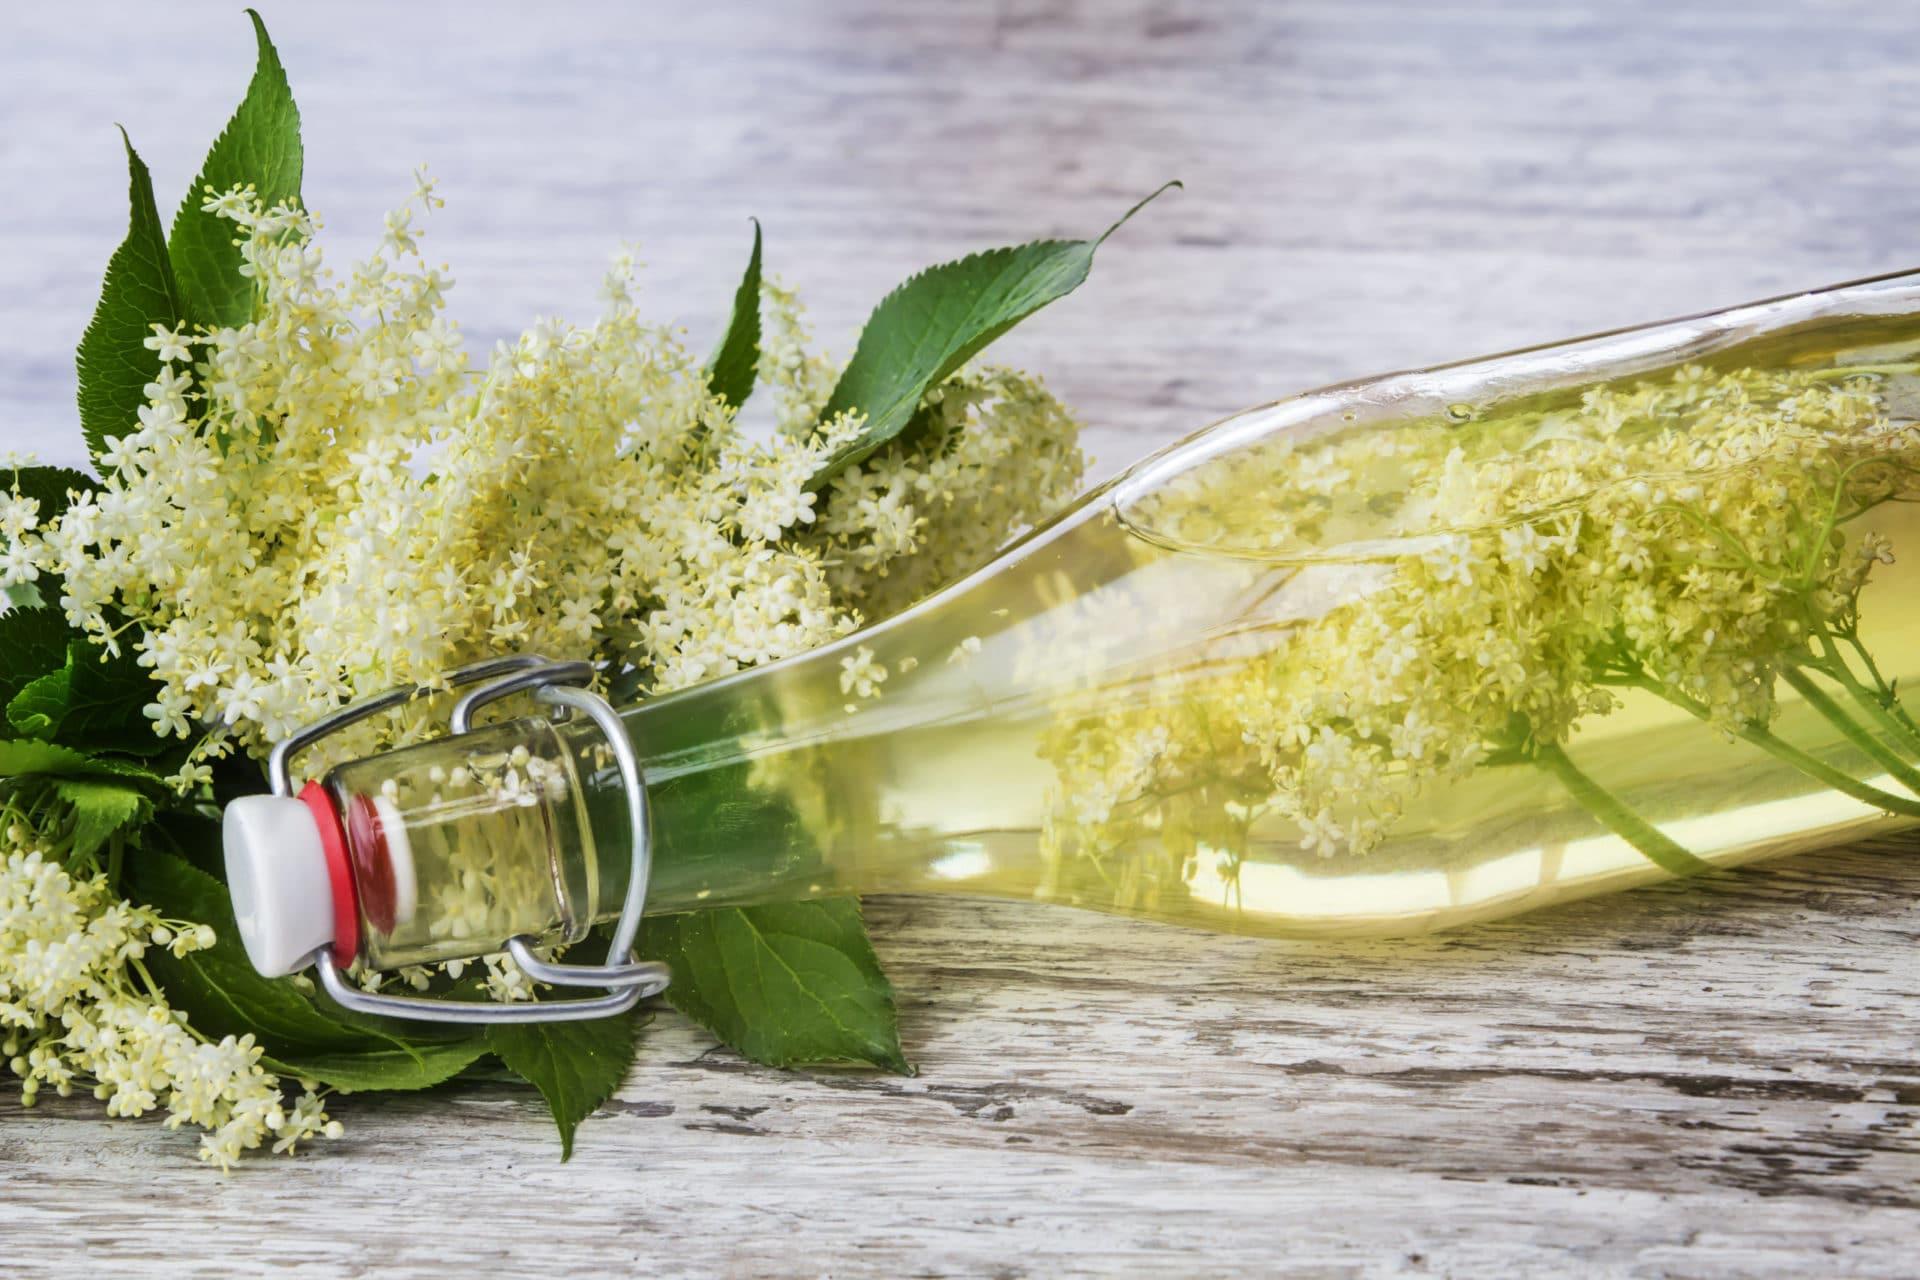 Holunderblüten mit Flasche gefüllt mit Holunderblütenwasser (Holunderblütenhydrolat)